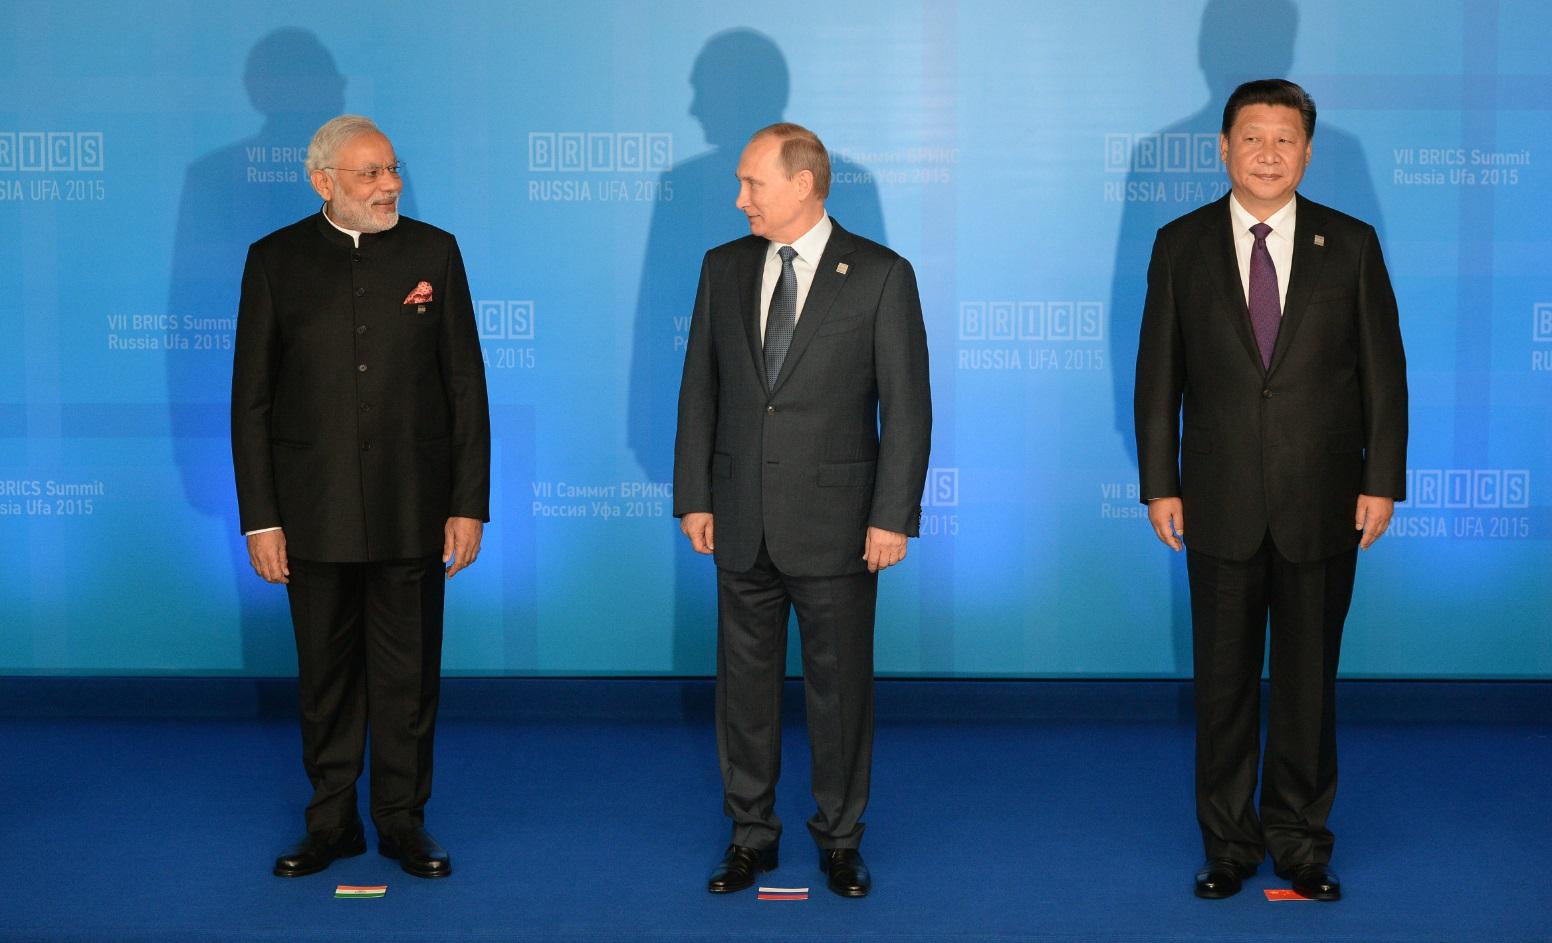 Modi Putin Xi Jinping